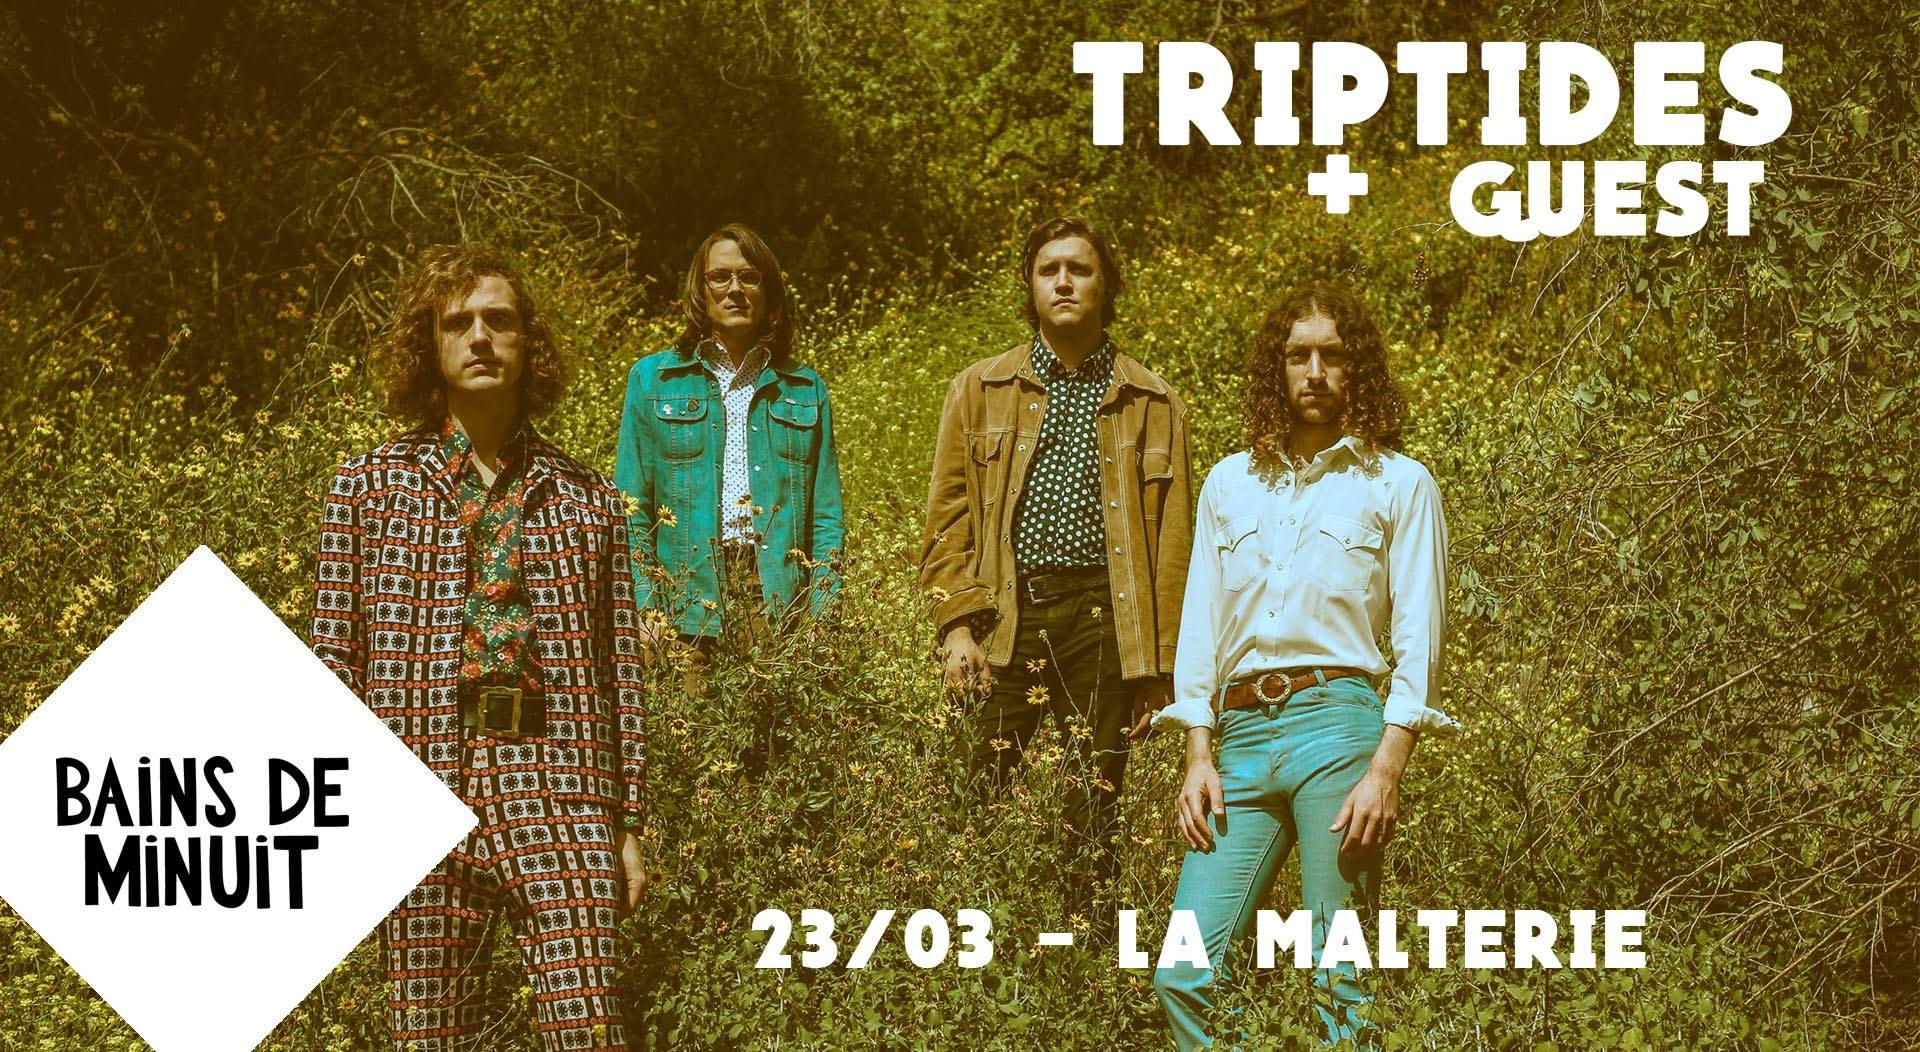 23/03 – TRIPTIDES (usa) + Flat Screen Radio (lille) / La Malterie, Lille